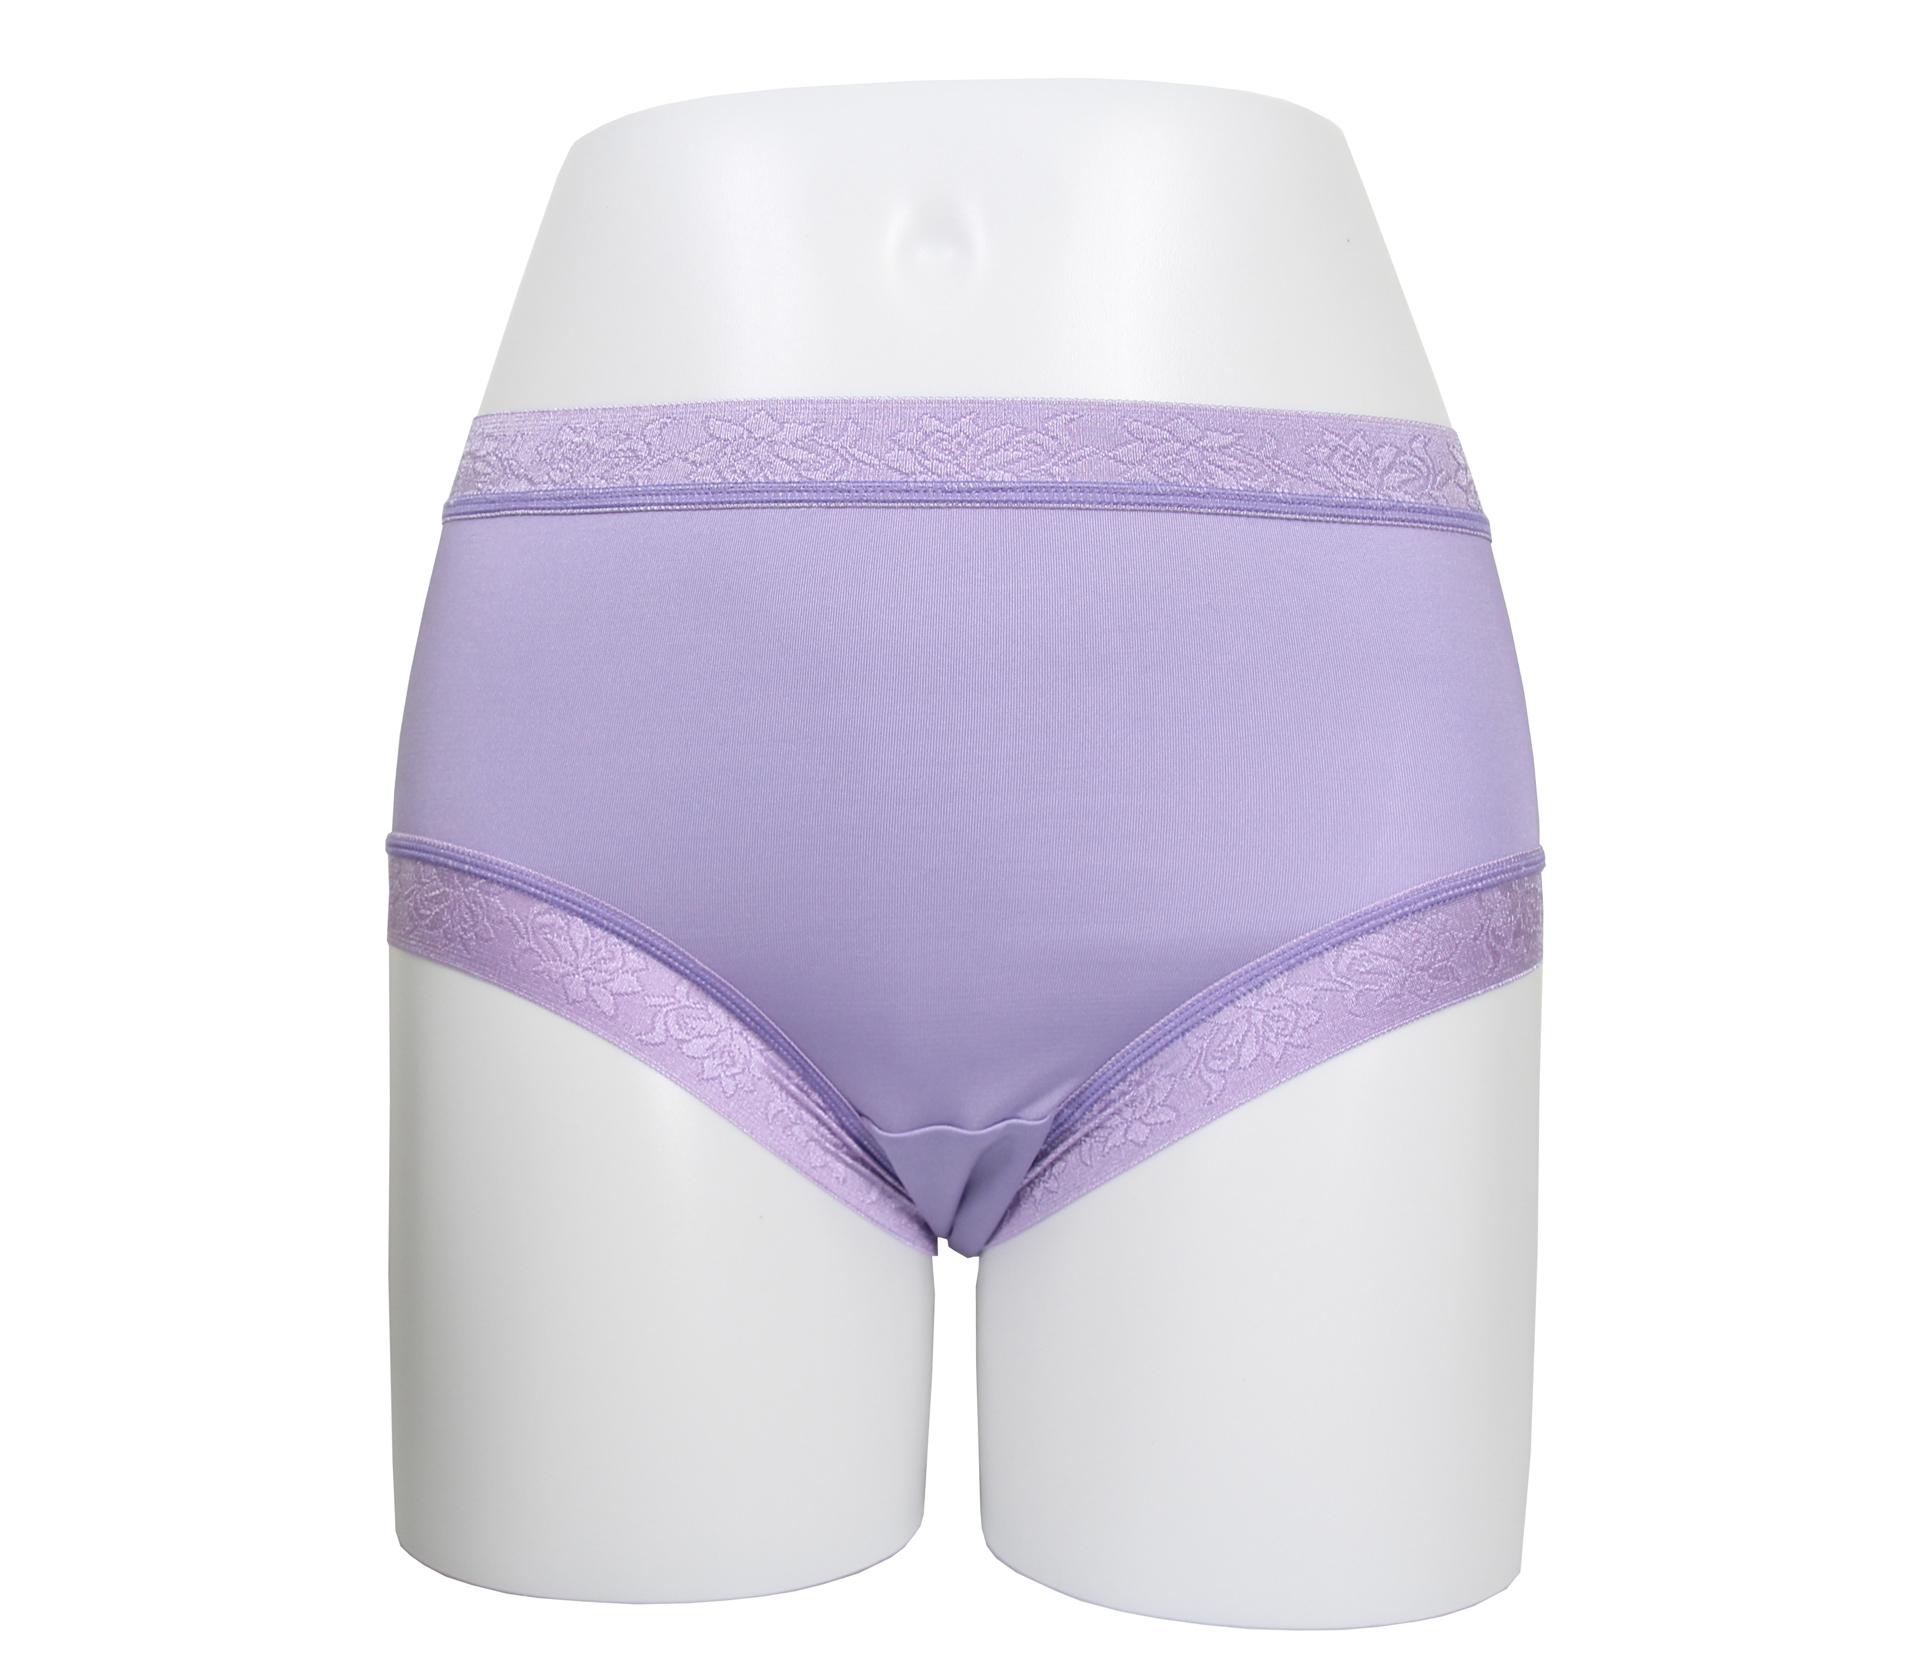 闕蘭絹天然舒適30針100%蠶絲內褲 - 2223 (紫)